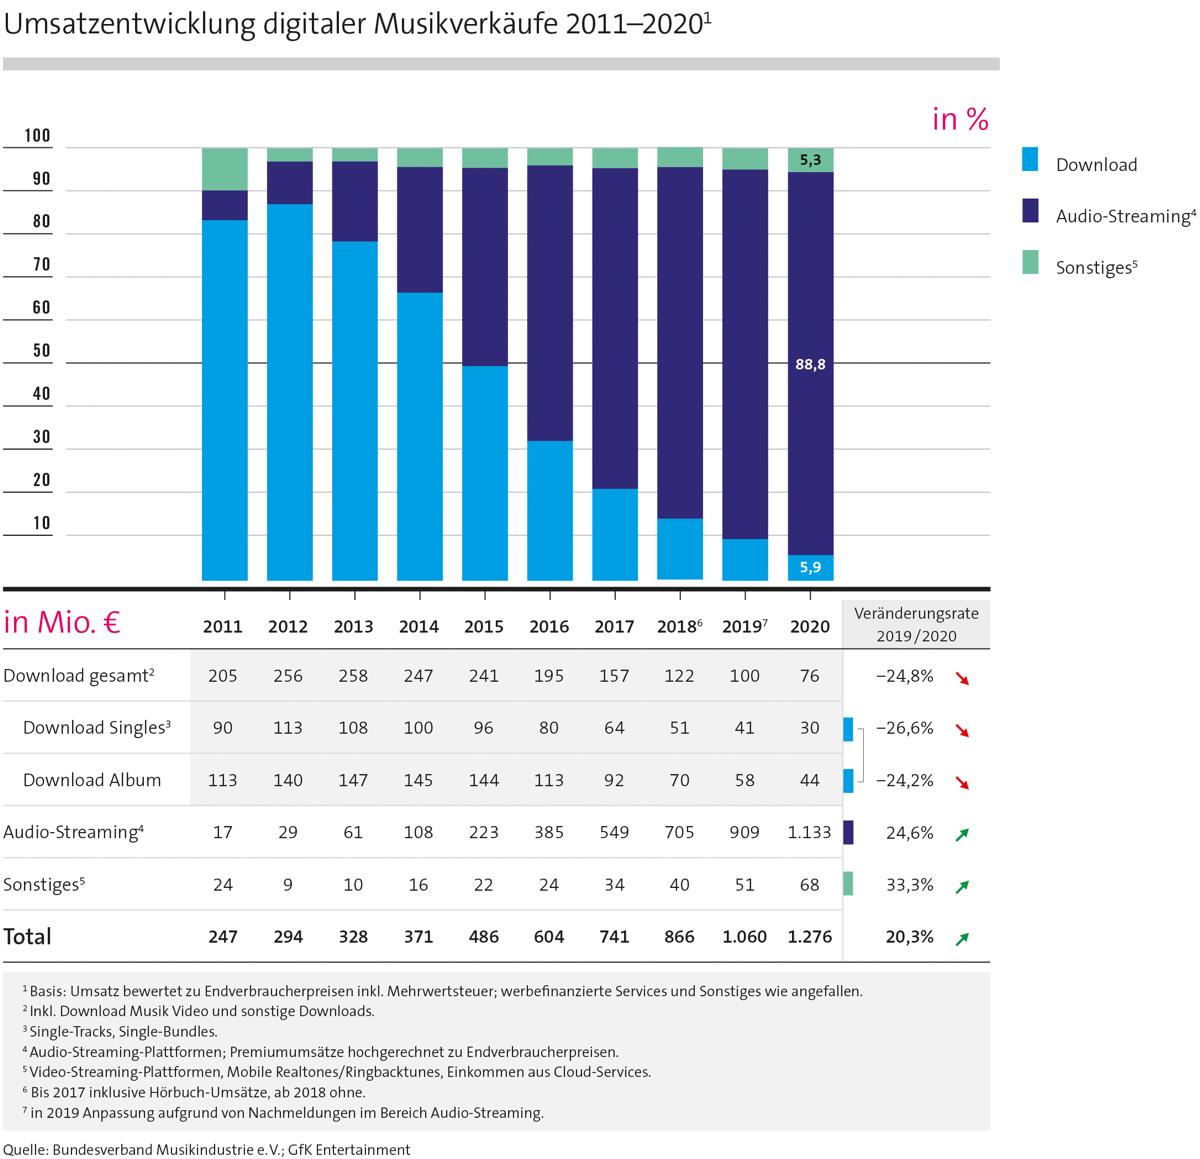 Umsatzentwicklung digitaler Musikverkäufe 2011-2020